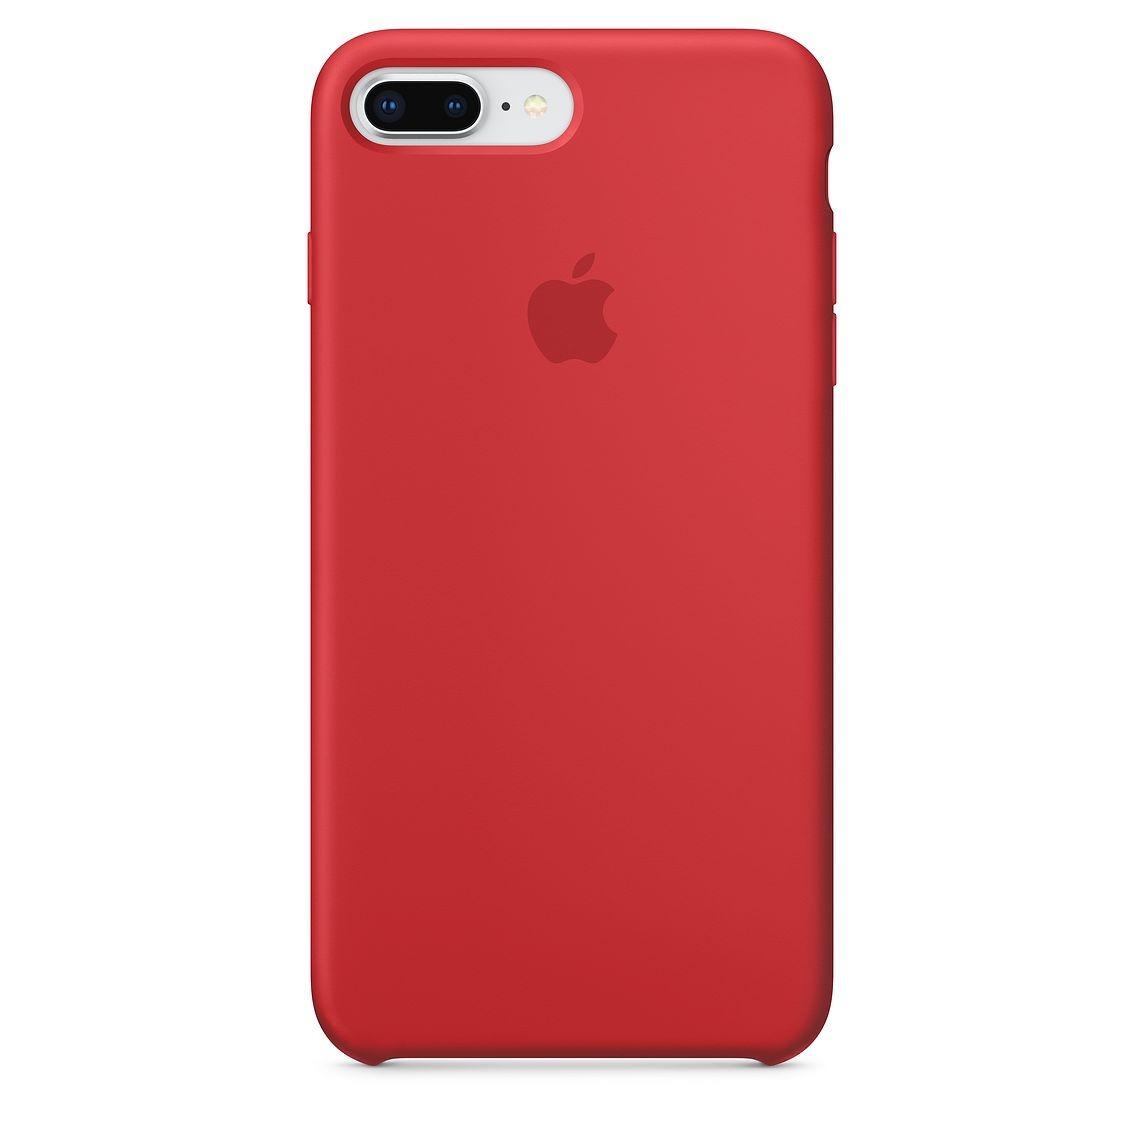 19768fc3f33 Funda De Silicona iPhone 5 6 6s 7 8 Plus Original Soft Case - $ 344 ...